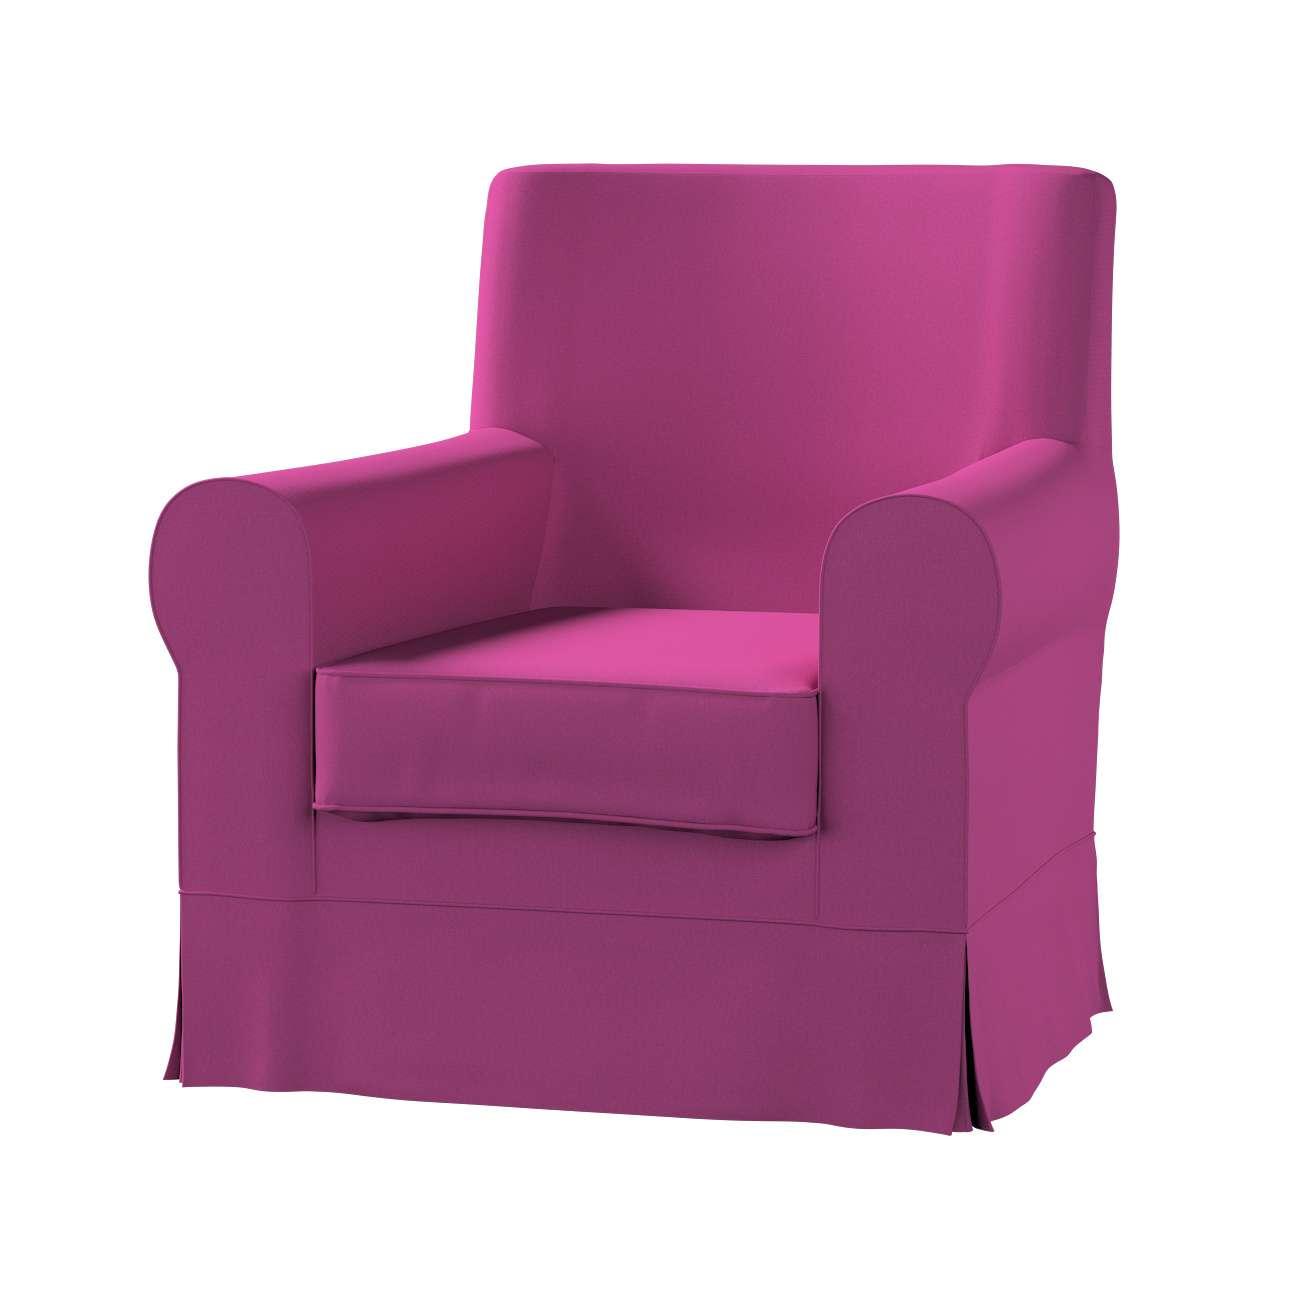 Pokrowiec na fotel Ektorp Jennylund Fotel Ektorp Jennylund w kolekcji Etna , tkanina: 705-23